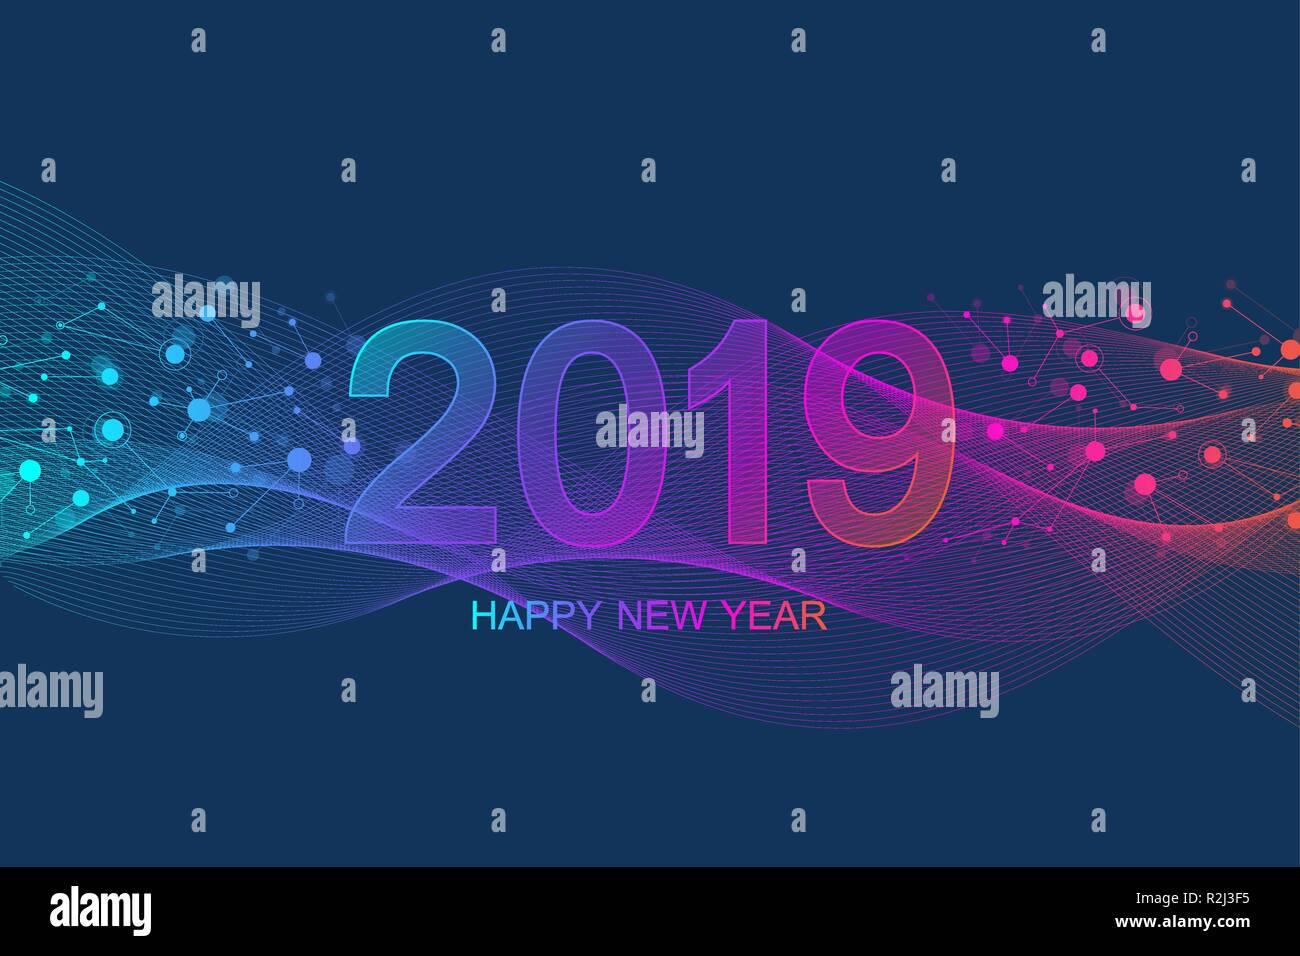 Frohe Weihnachten Und Guten Rutsch In Neues Jahr.Frohe Weihnachten Und Guten Rutsch Ins Neue Jahr 2019 Gruss